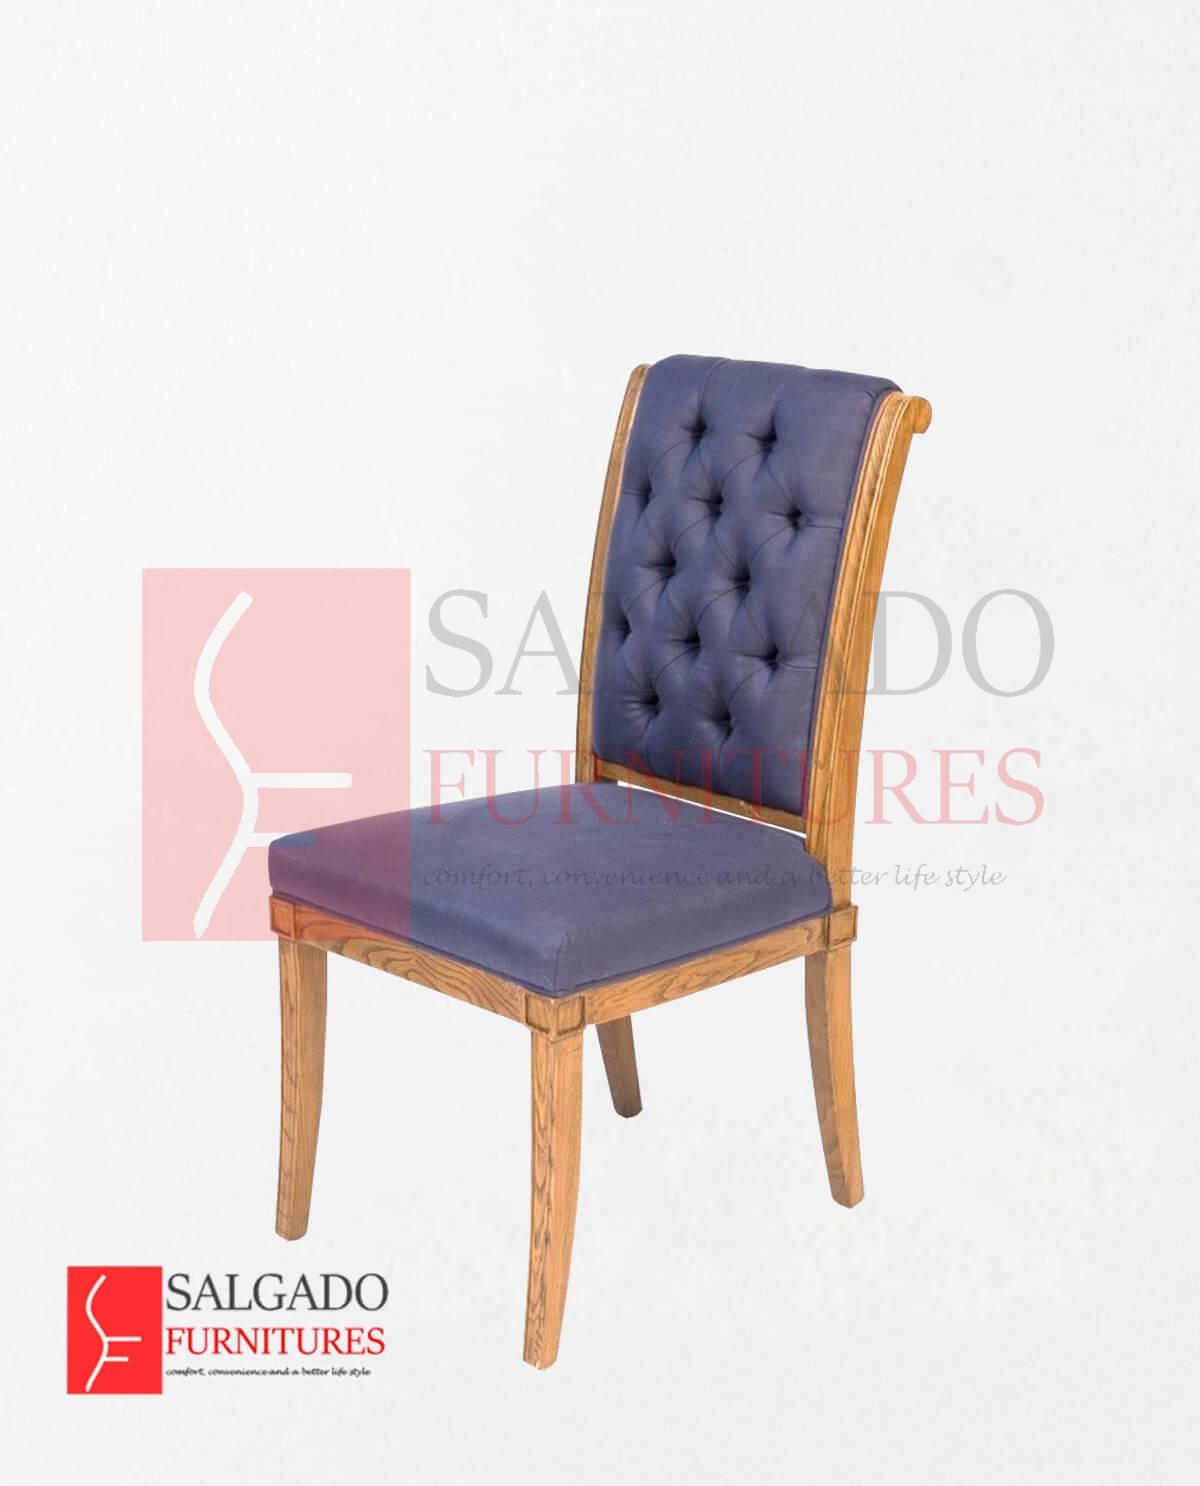 Dining Chairs Srilanka Salgado Furniture Design Studio In